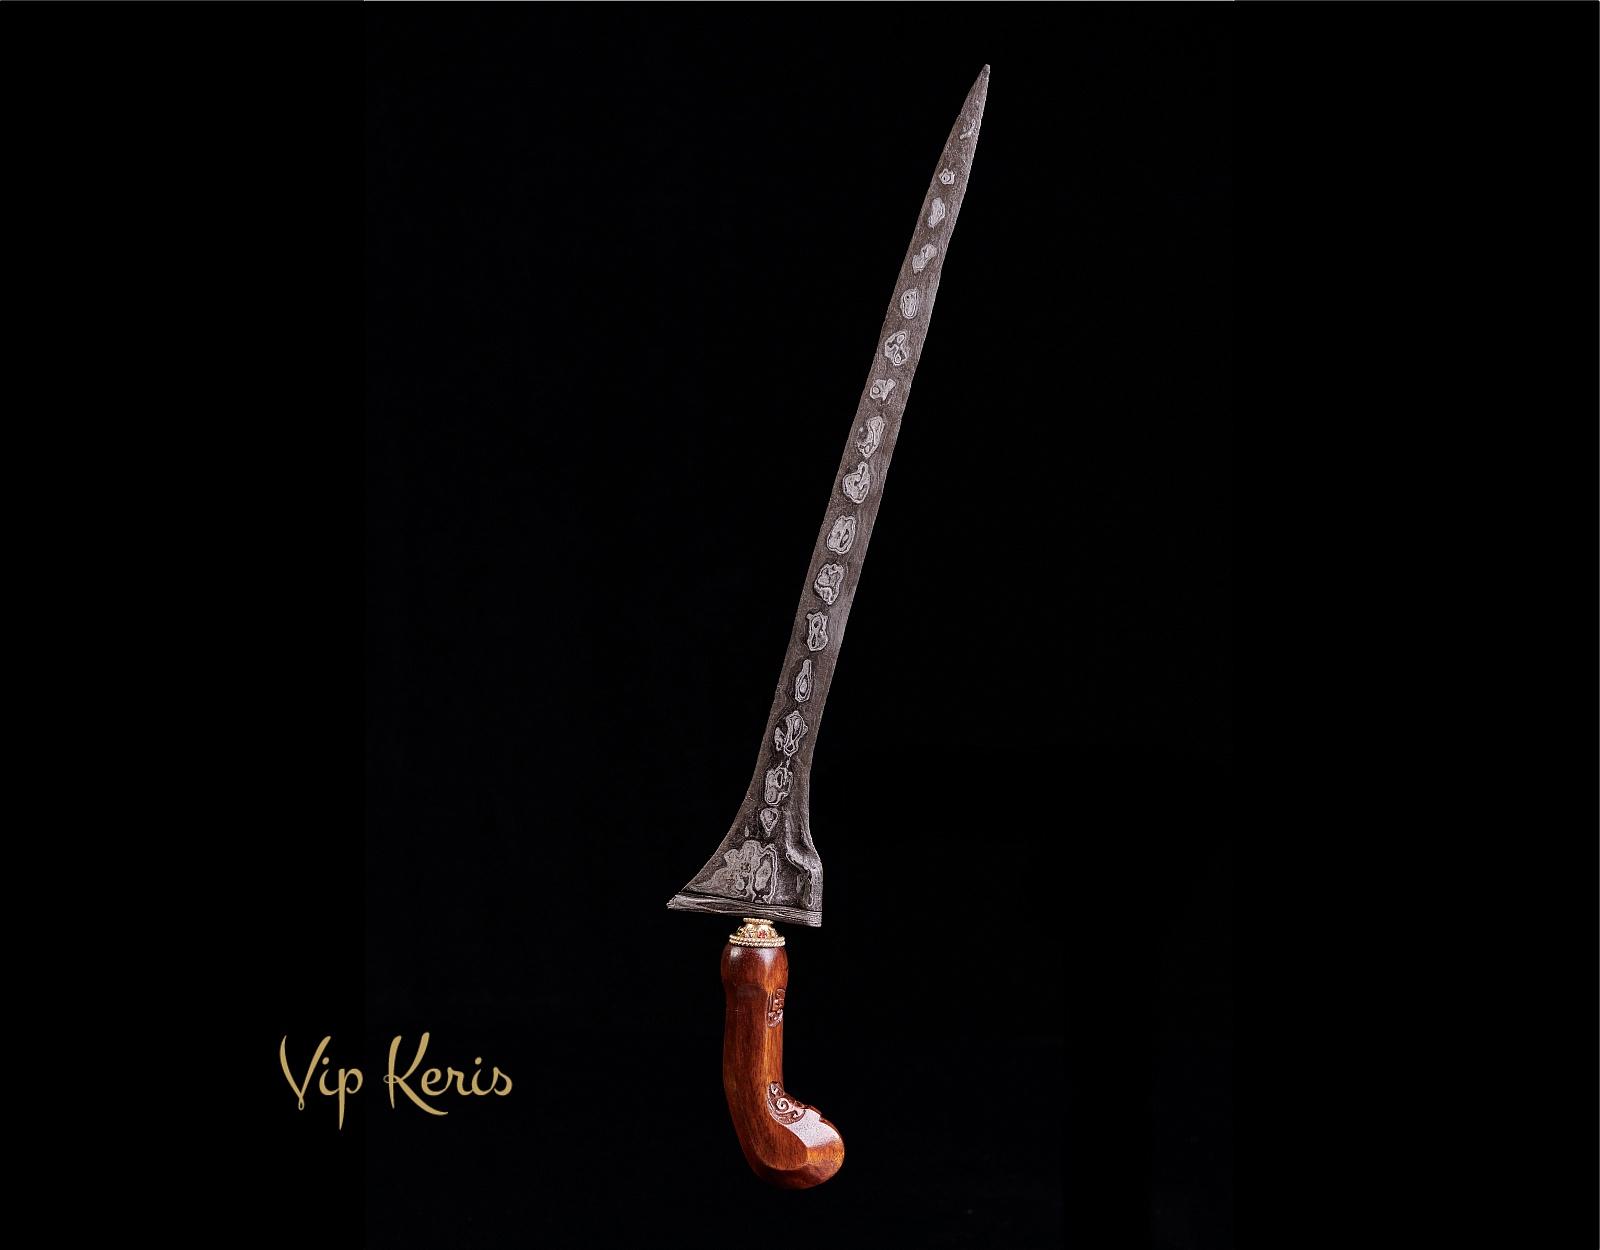 Прямой кинжал Крис Tilam Upih, 15 аркан  фото VipKeris